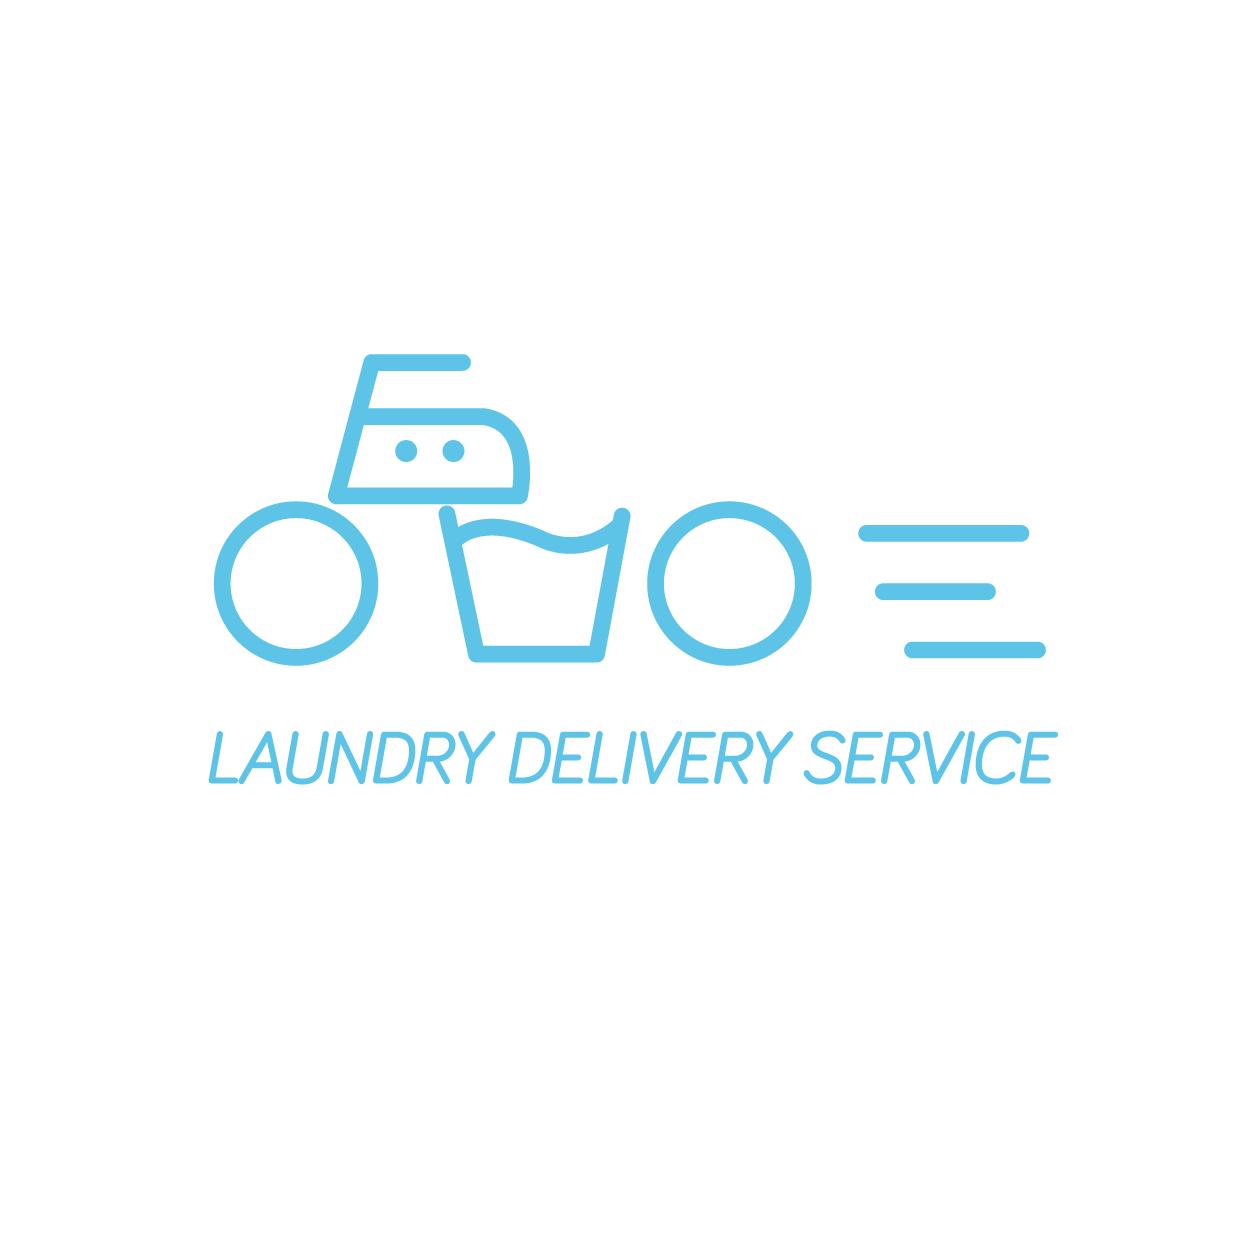 The Laundry Room Logo